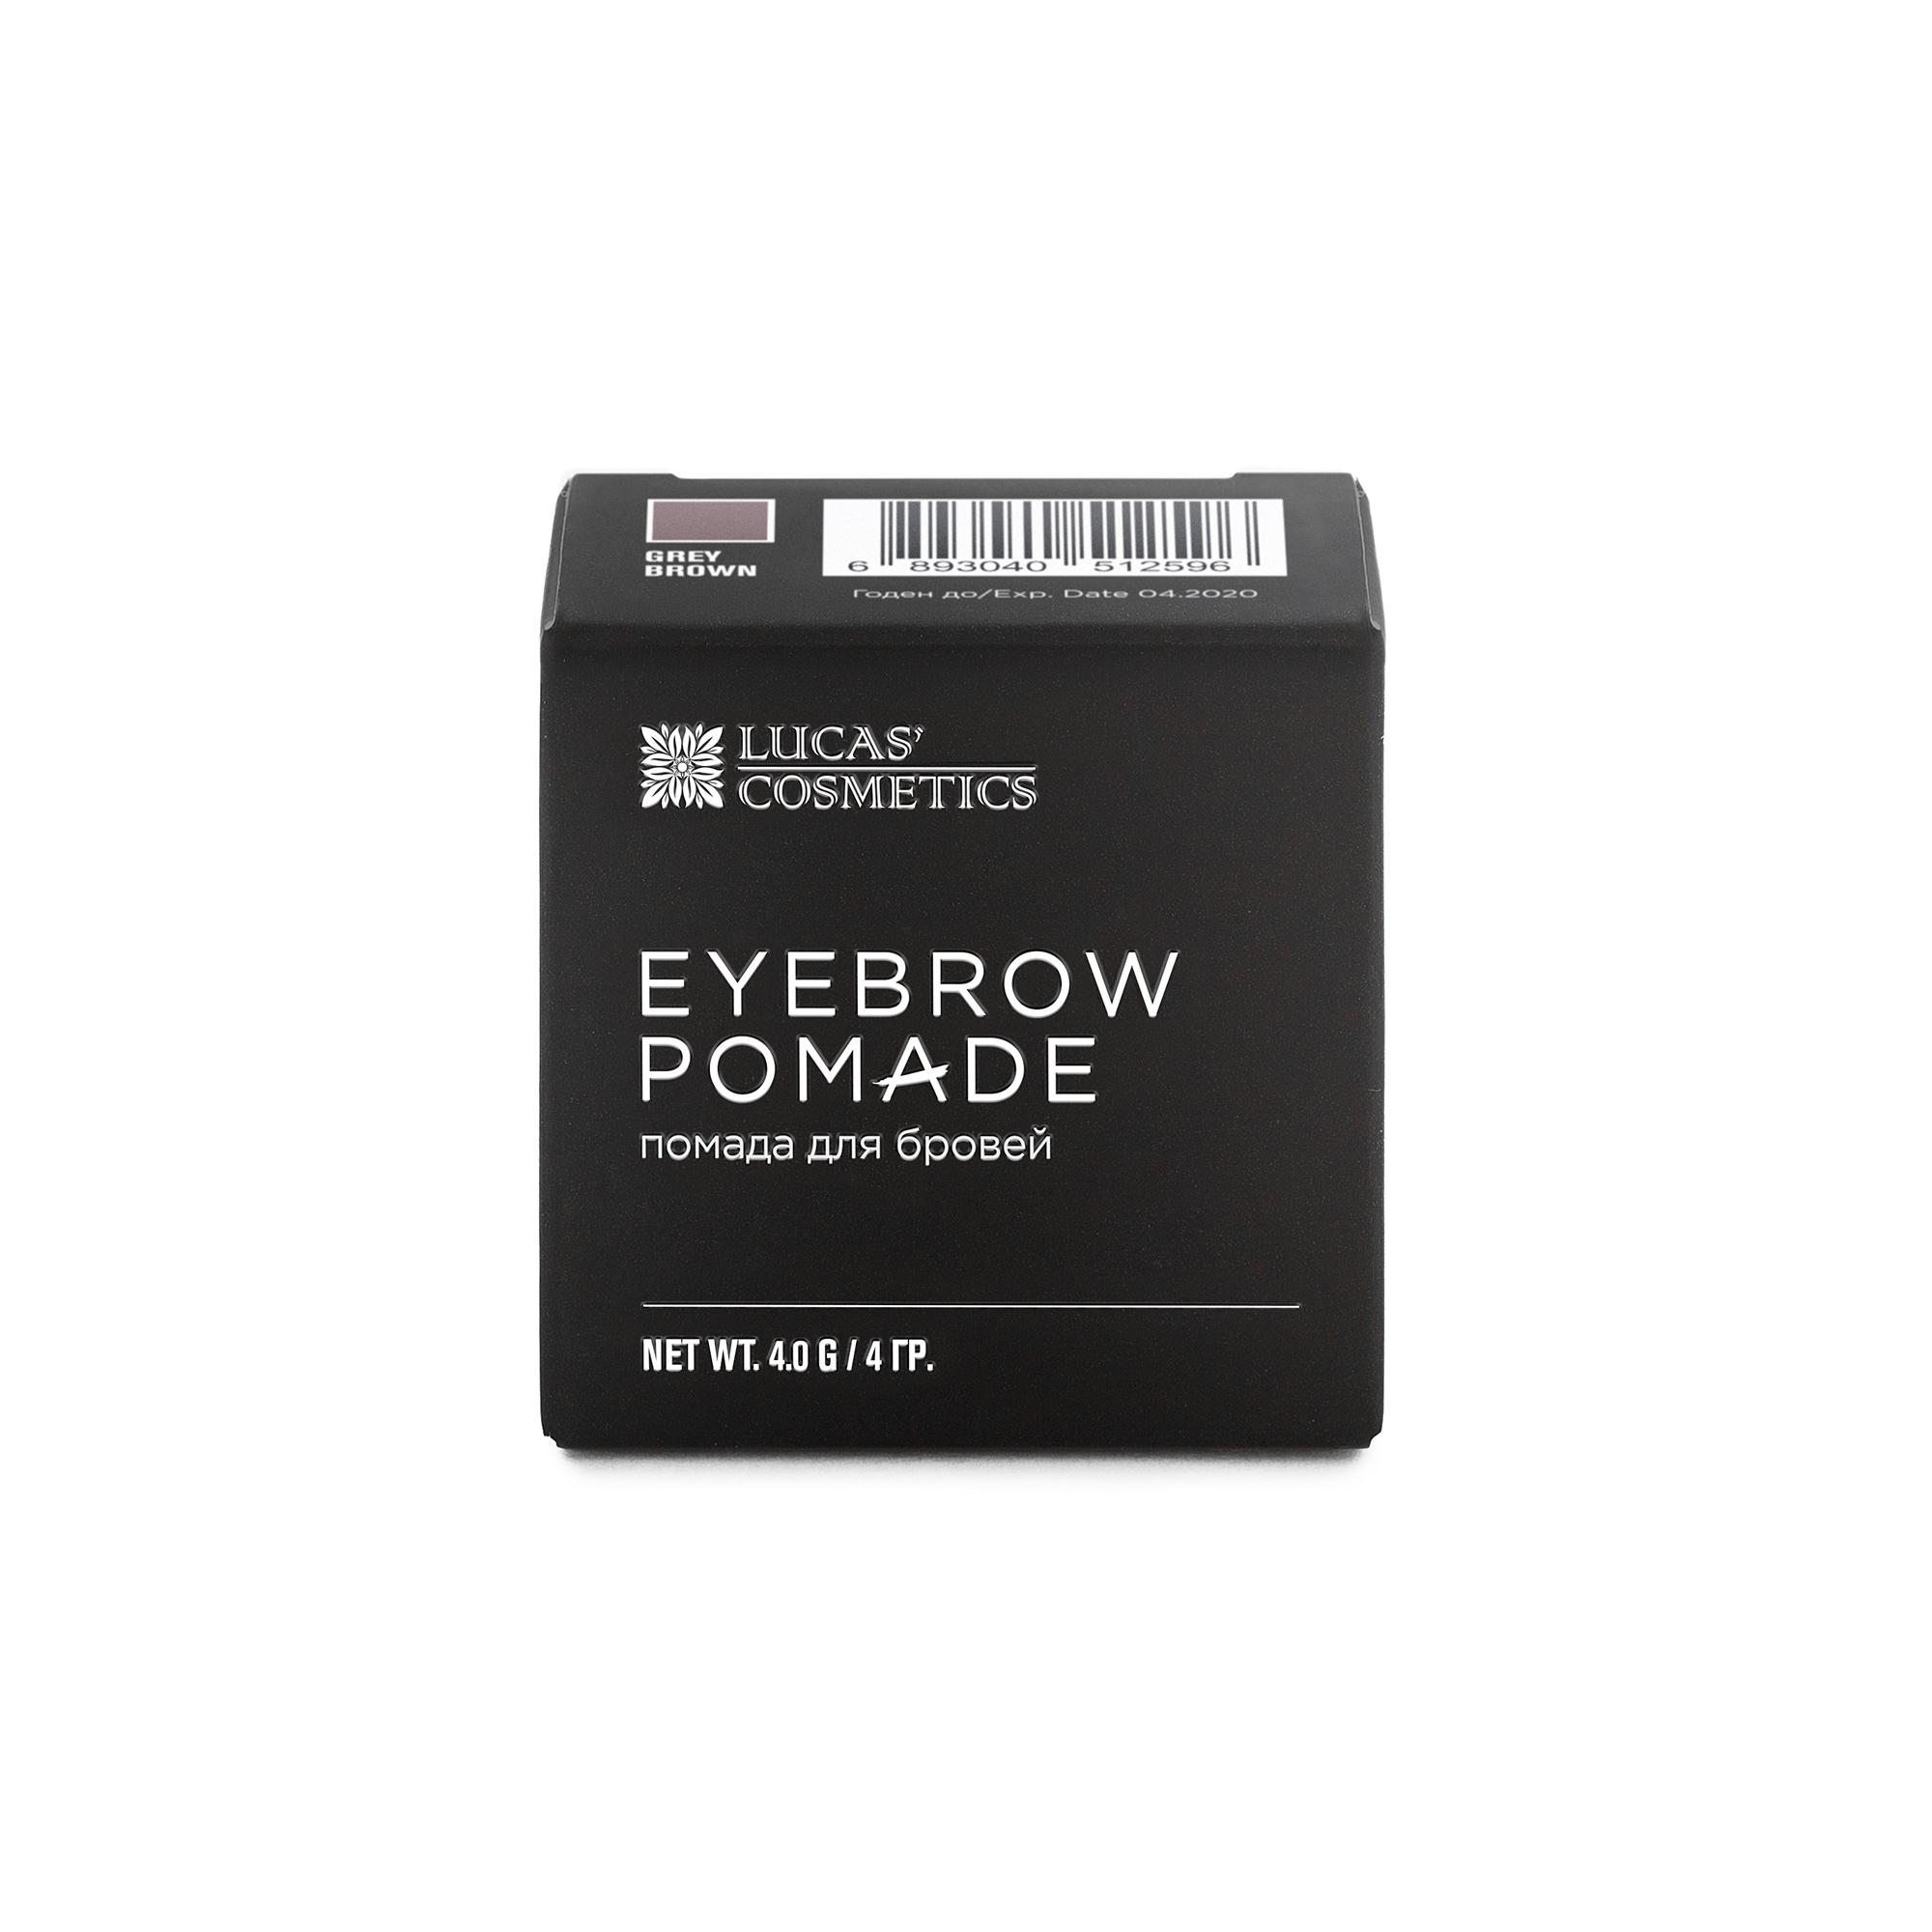 LUCAS' COSMETICS Помада для бровей, серо-коричневый / Brow pomade grey brown 4 г